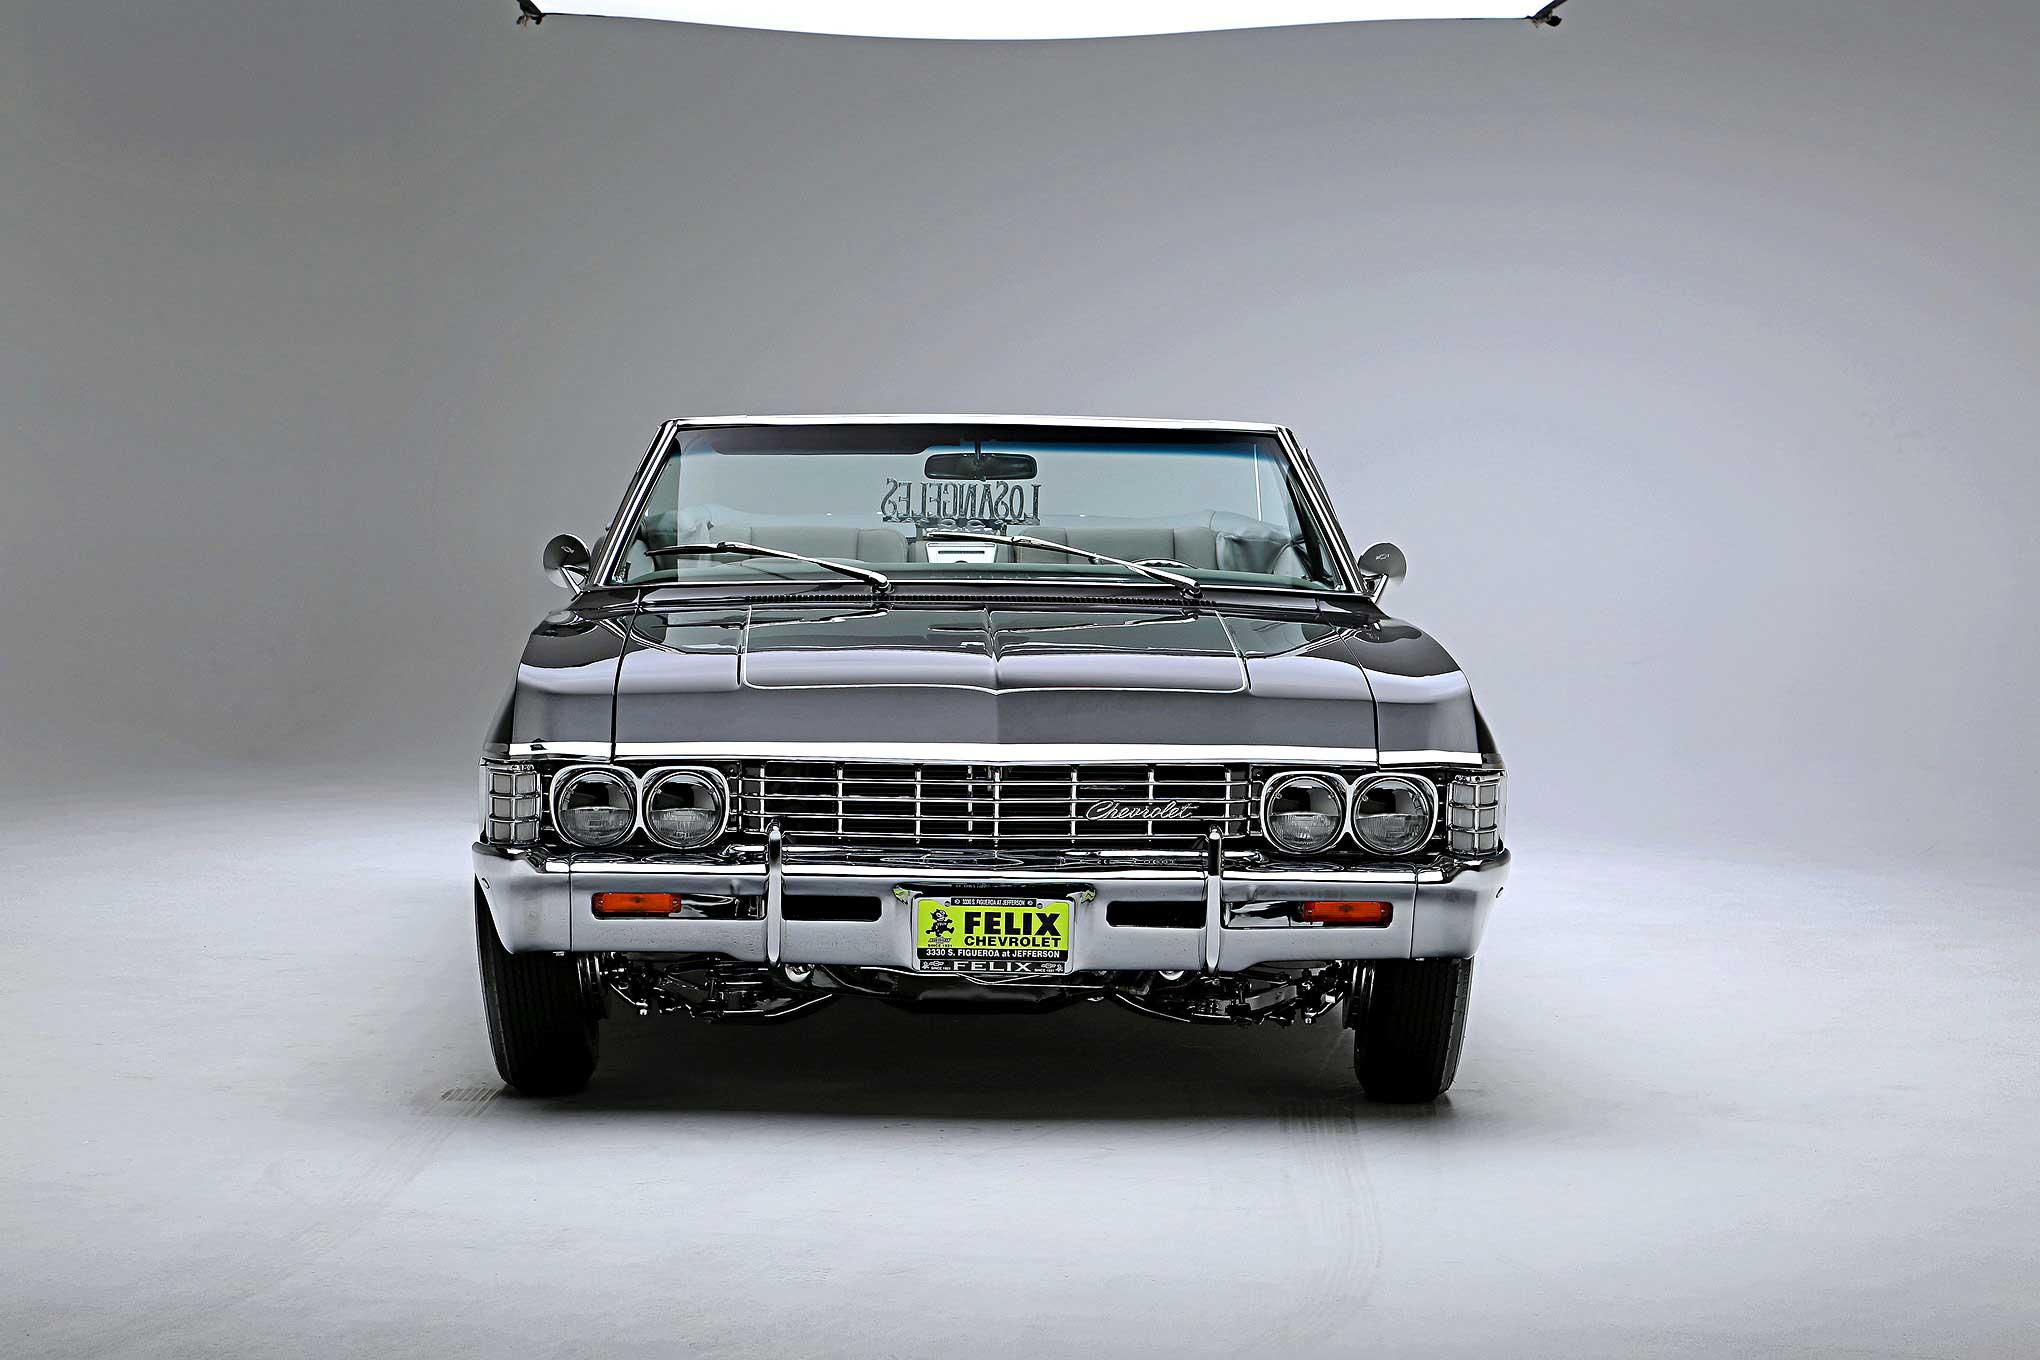 Kelebihan Kekurangan Chevrolet Impala 1967 Spesifikasi